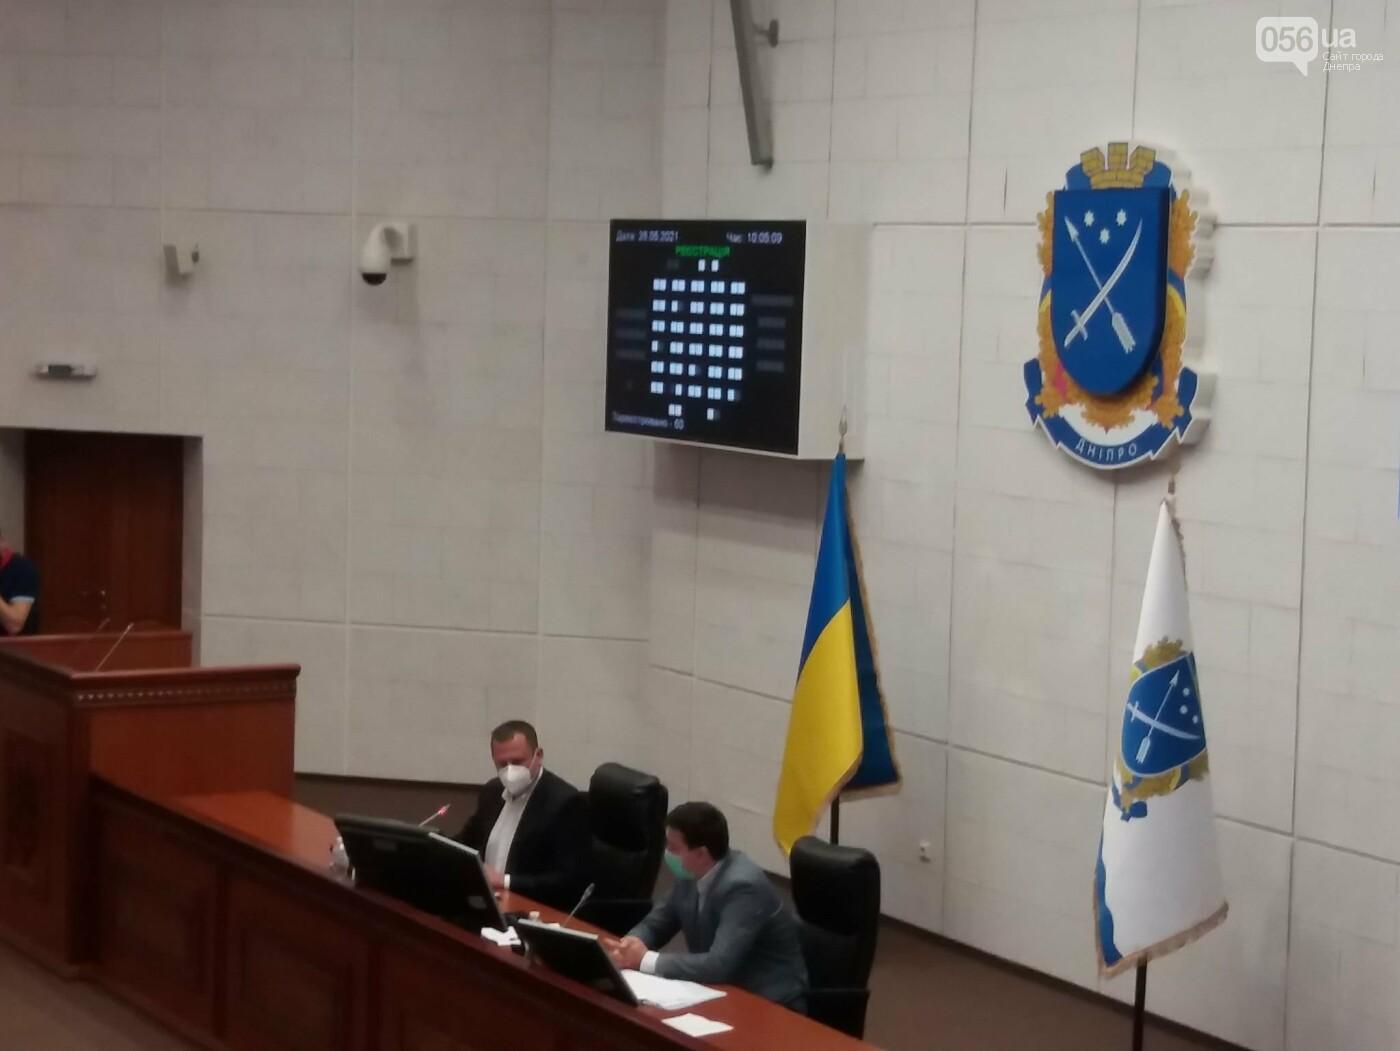 В Днепре прошла первая сессия городского совета на государственном языке с присутствием рекордного количества депутатов, - ВИДЕО, фото-1